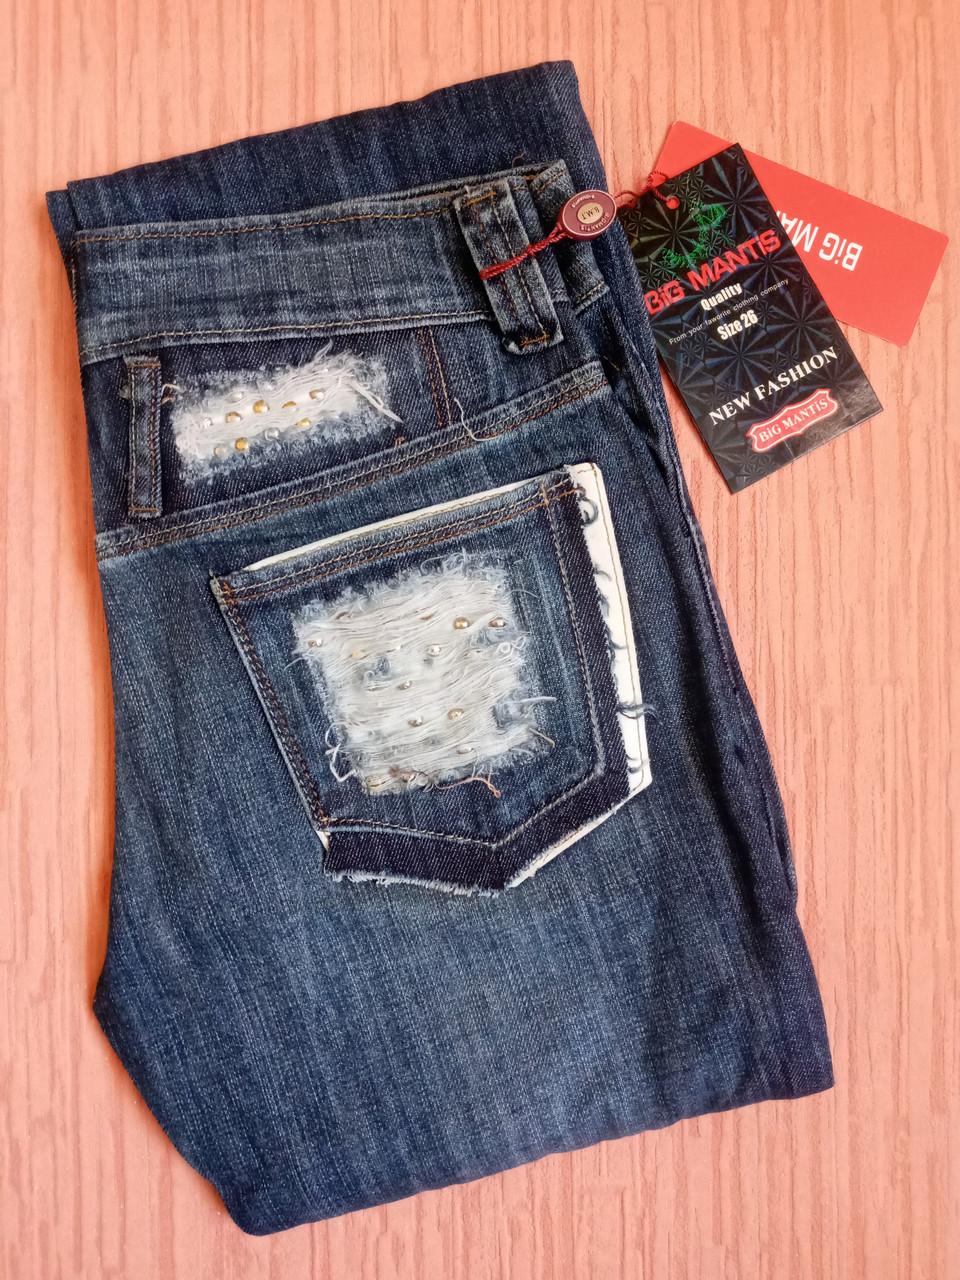 Джинсы штаны женские подросток  р-р от 36 по 46. От 6шт по 41